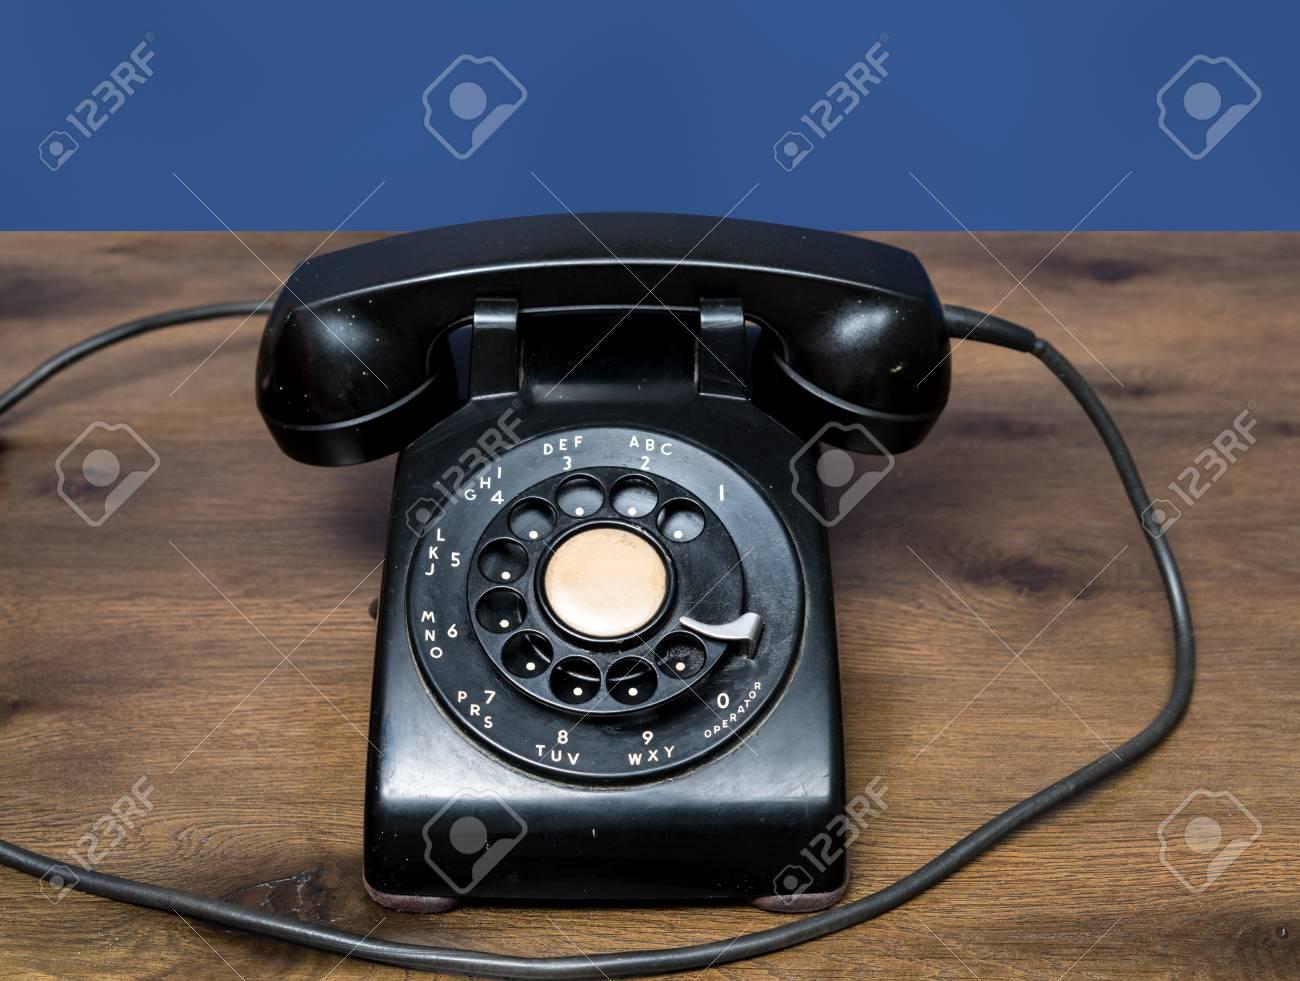 https fr 123rf com photo 90418770 ancien et antique t c3 a9l c3 a9phone c3 a0 cadran sur le bureau en bois avec fond bleu html